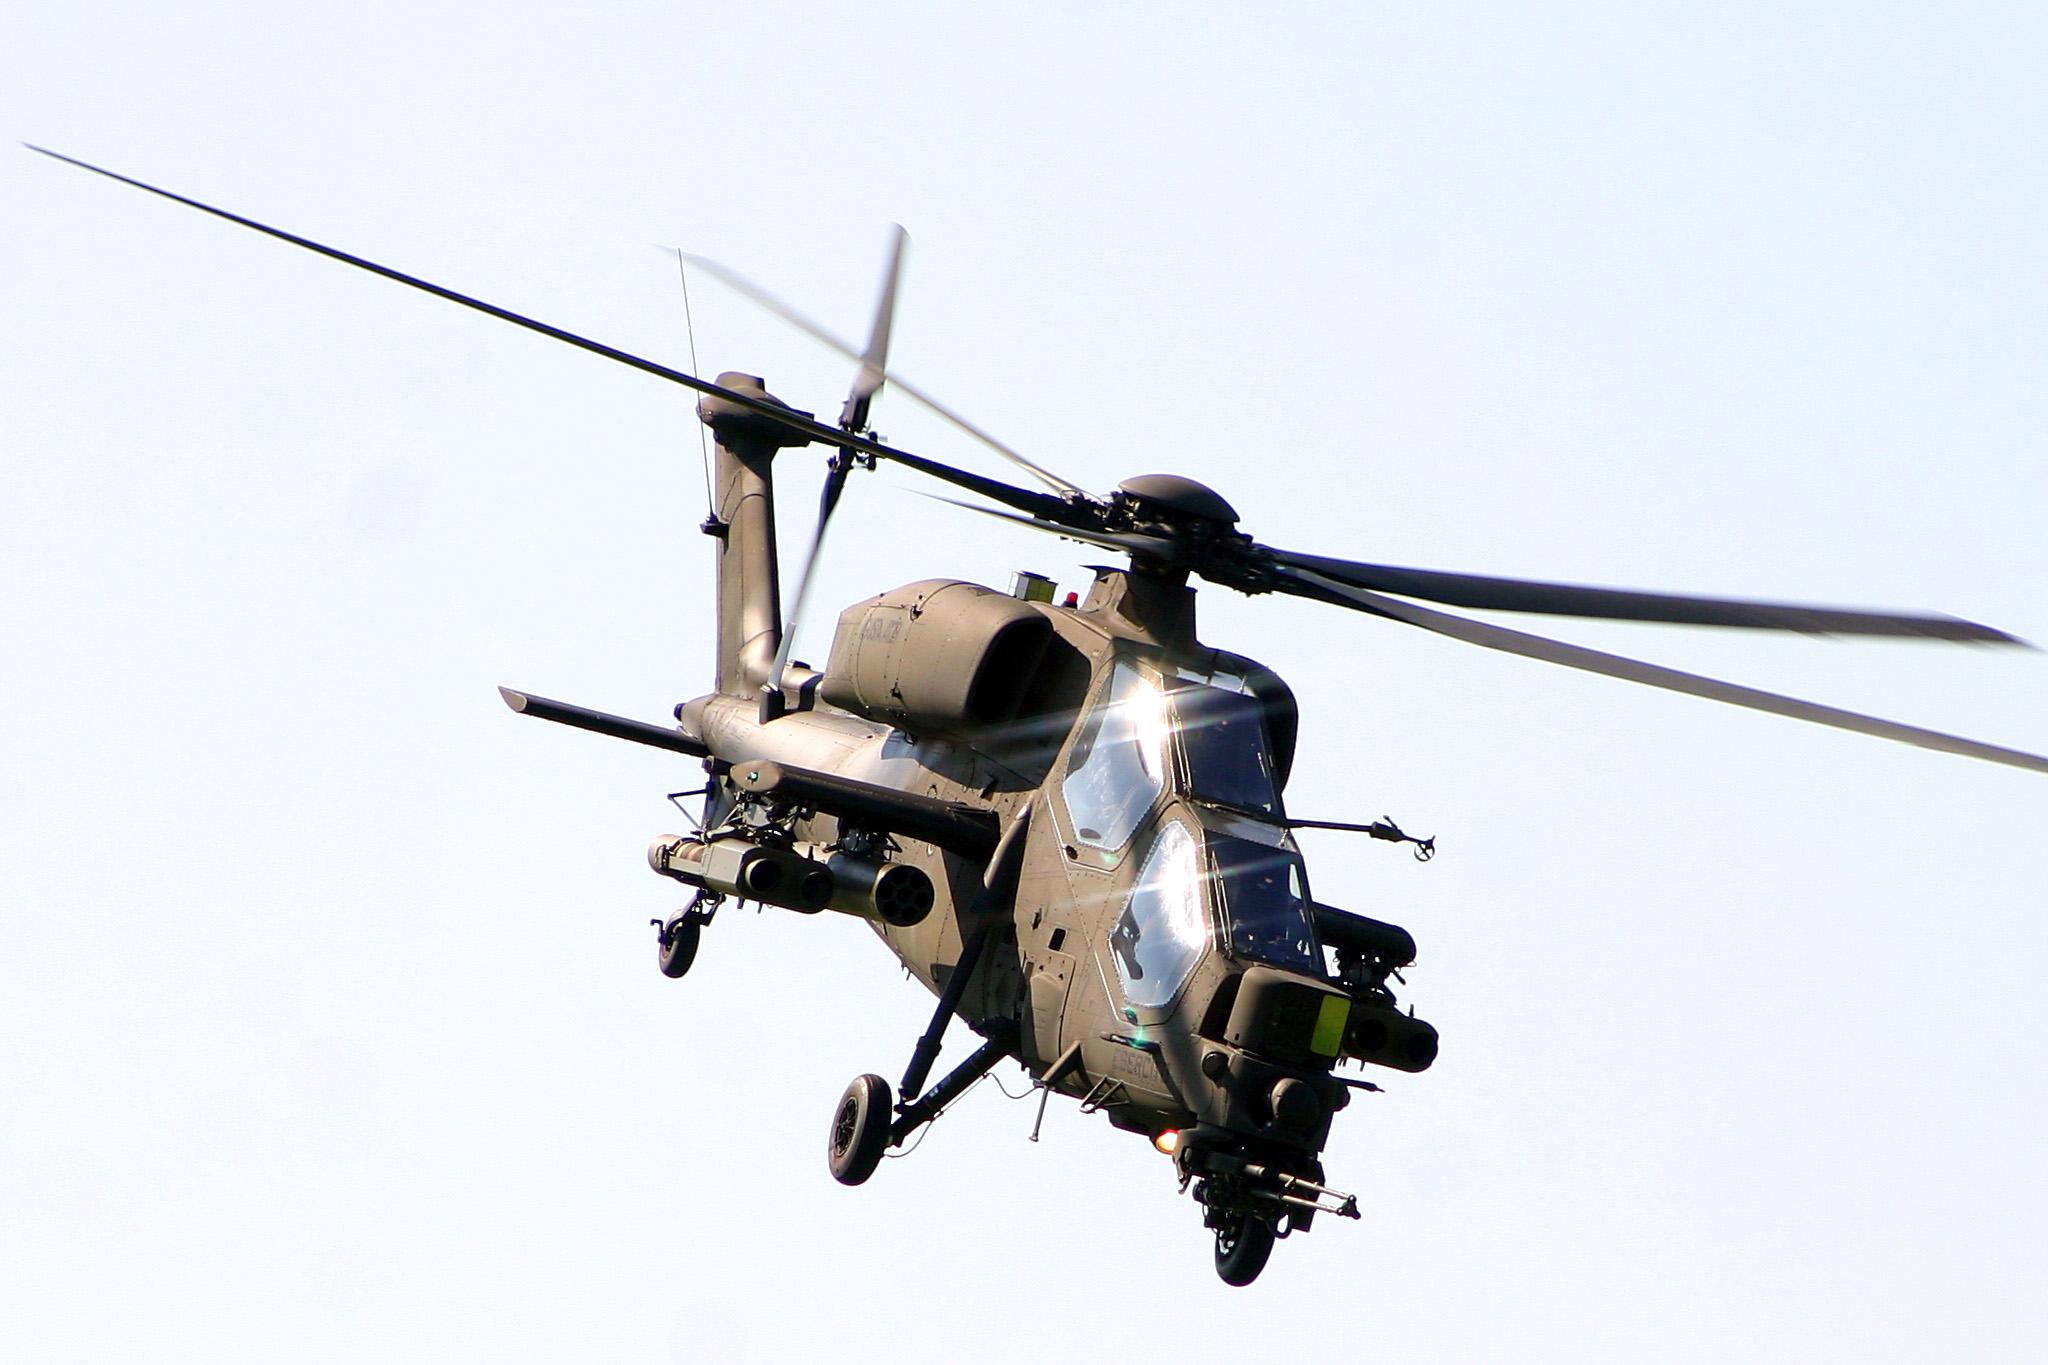 Chile compra el A129 Mangusta (helicoptero de ataque)